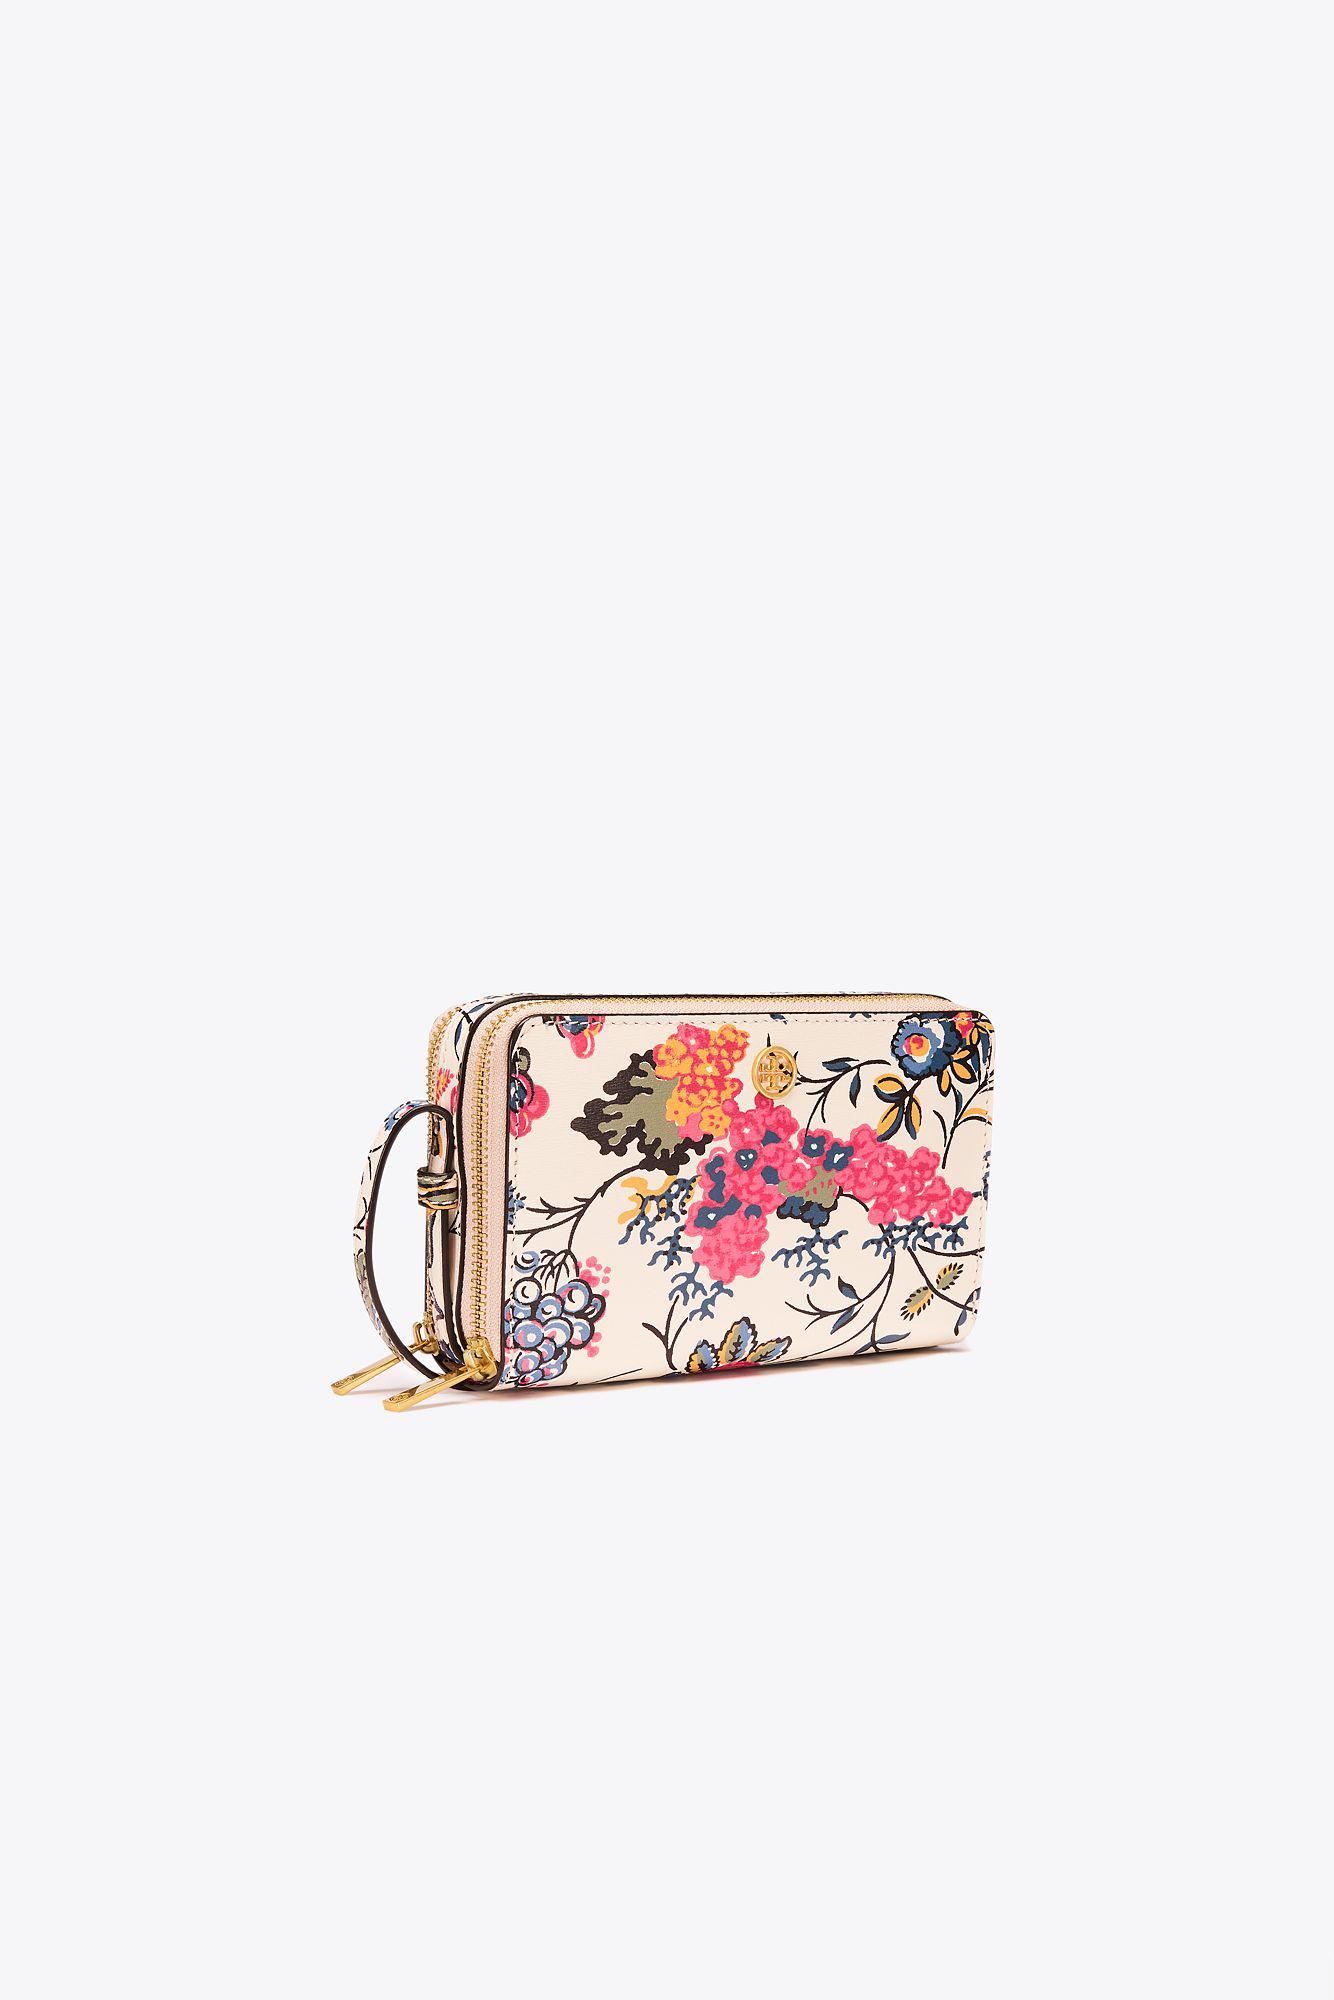 27b890909836 Lyst - Tory Burch Parker Floral Double-zip Mini Bag